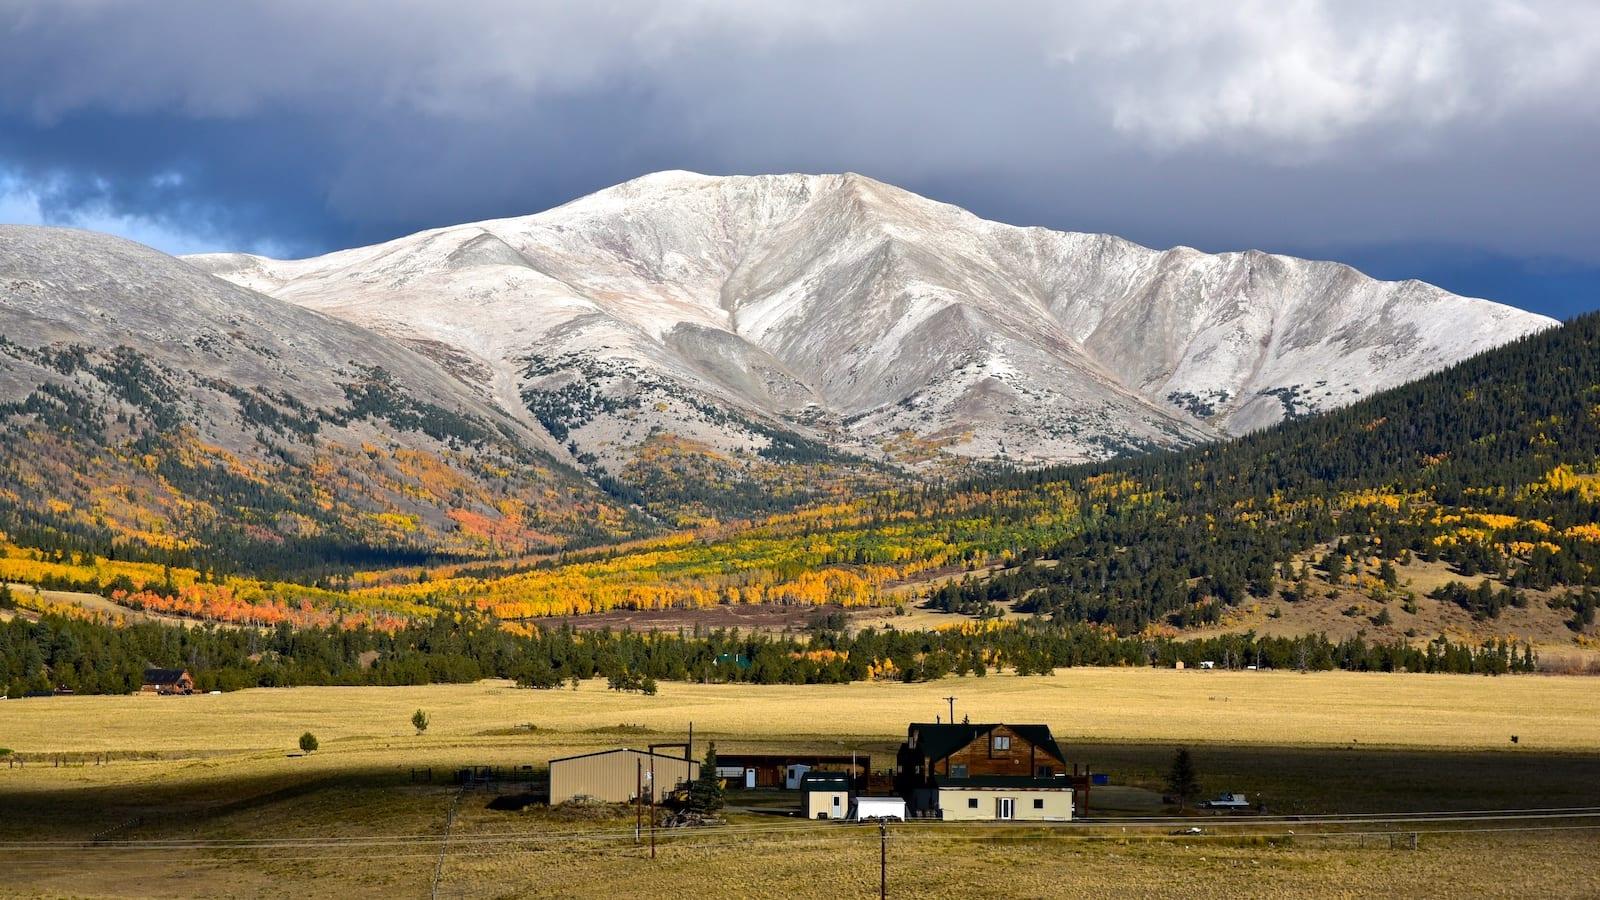 South Park Colorado Autumn Colors Highway 285 near Fairplay